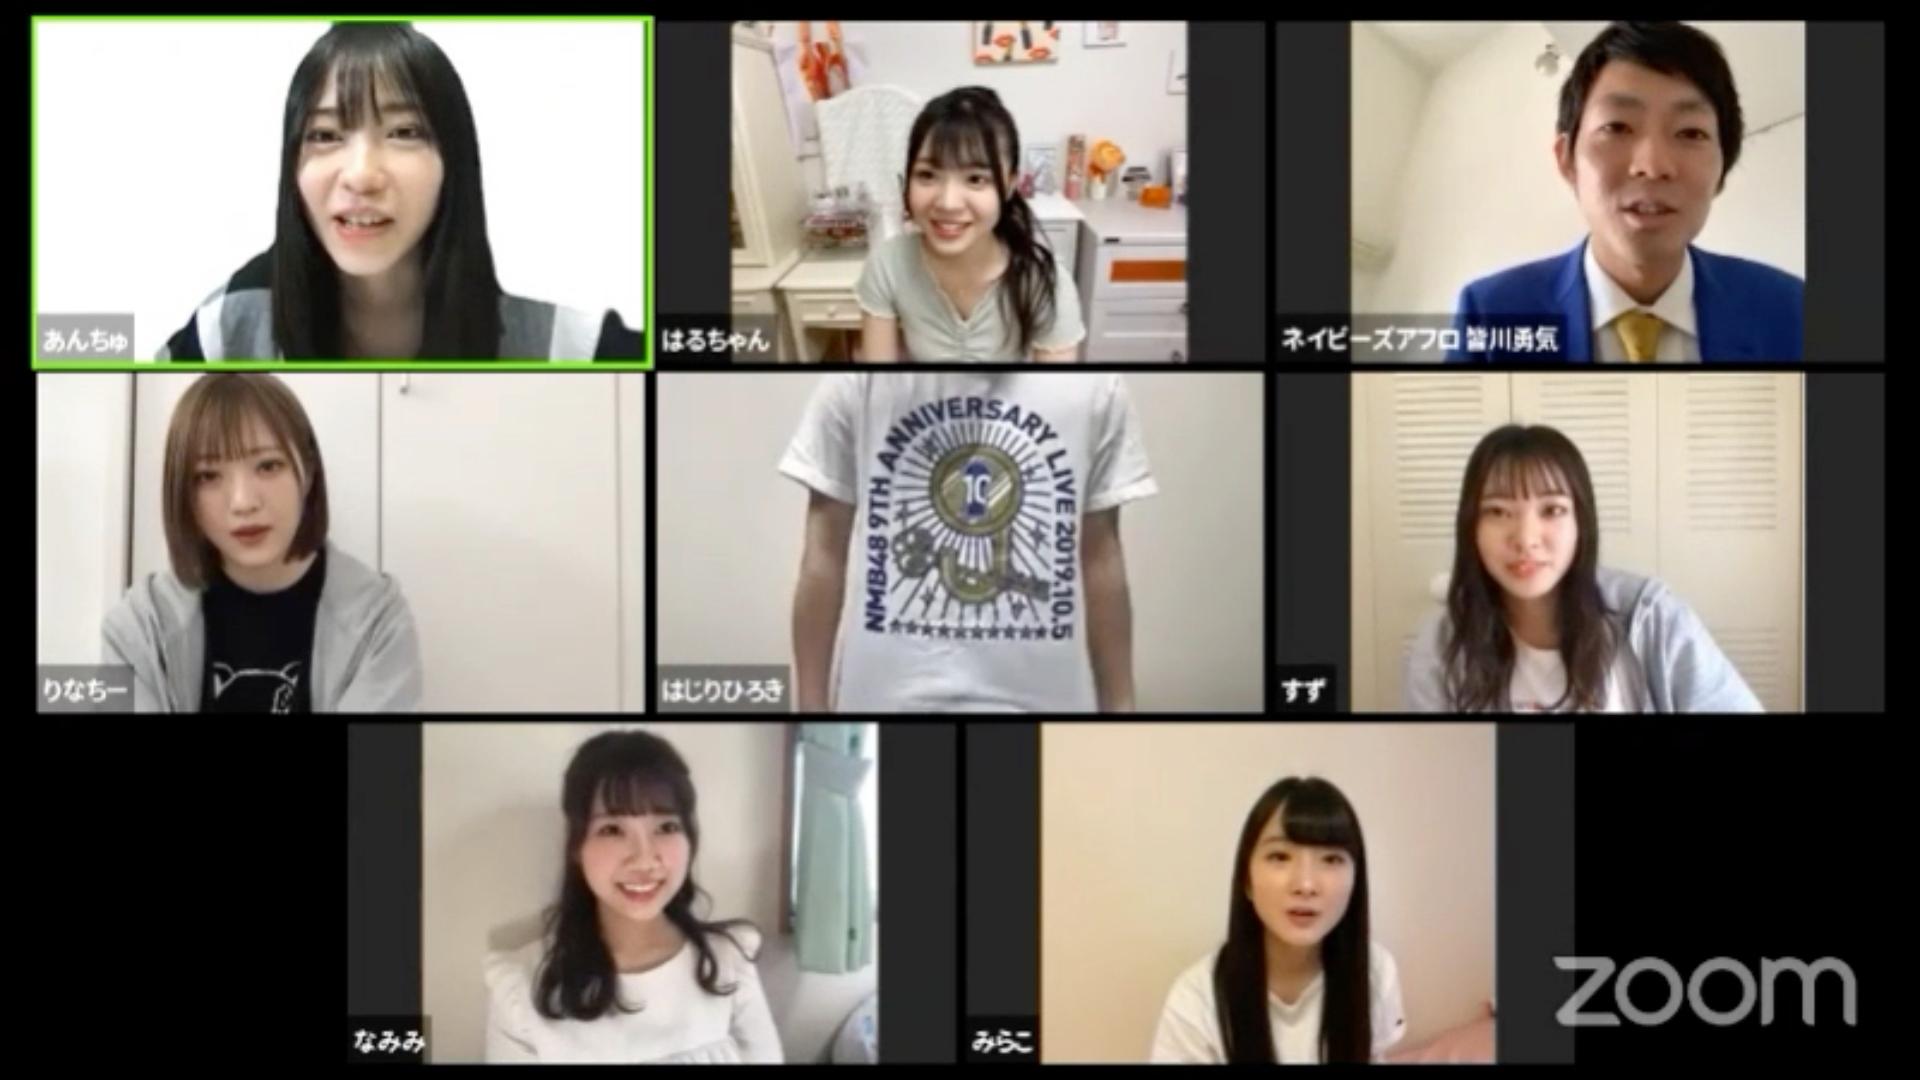 【NMB48】2020年5月14日に配信された「昼方NMB48+」の実況と画像など